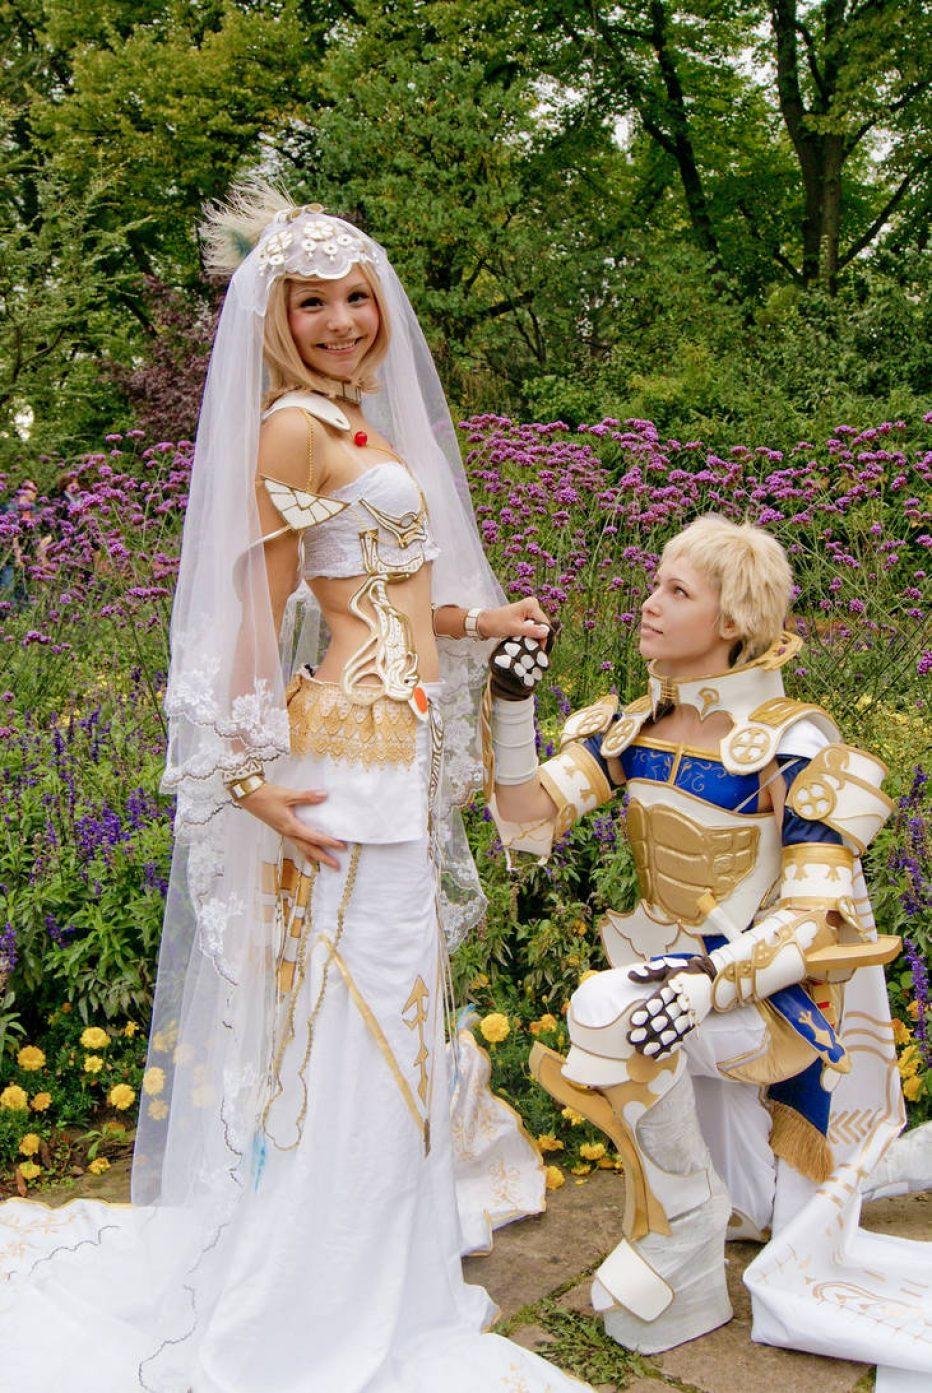 Final-Fantasy-XII-Rasler-Cosplay-Gamers-Heroes-1.jpg